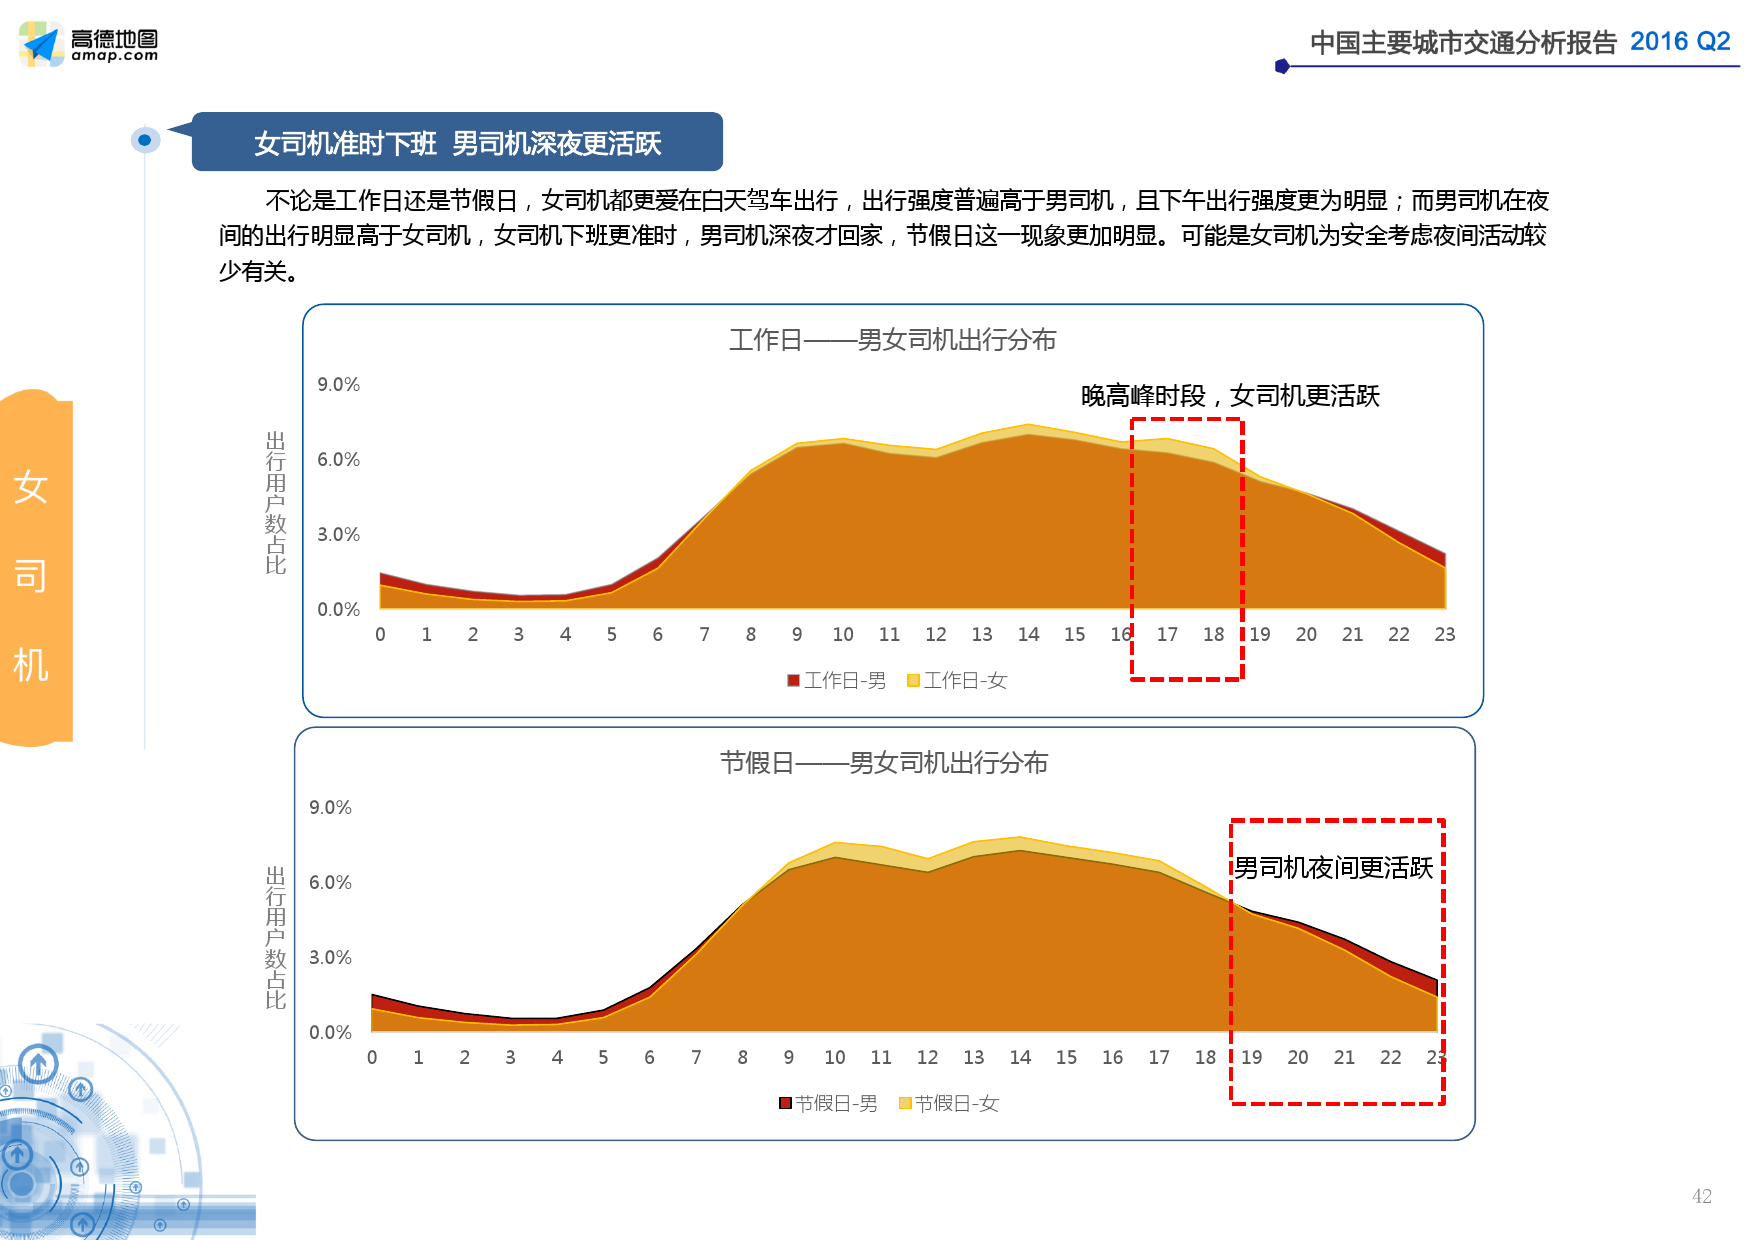 2016年Q2中国主要城市交通分析报告_000042